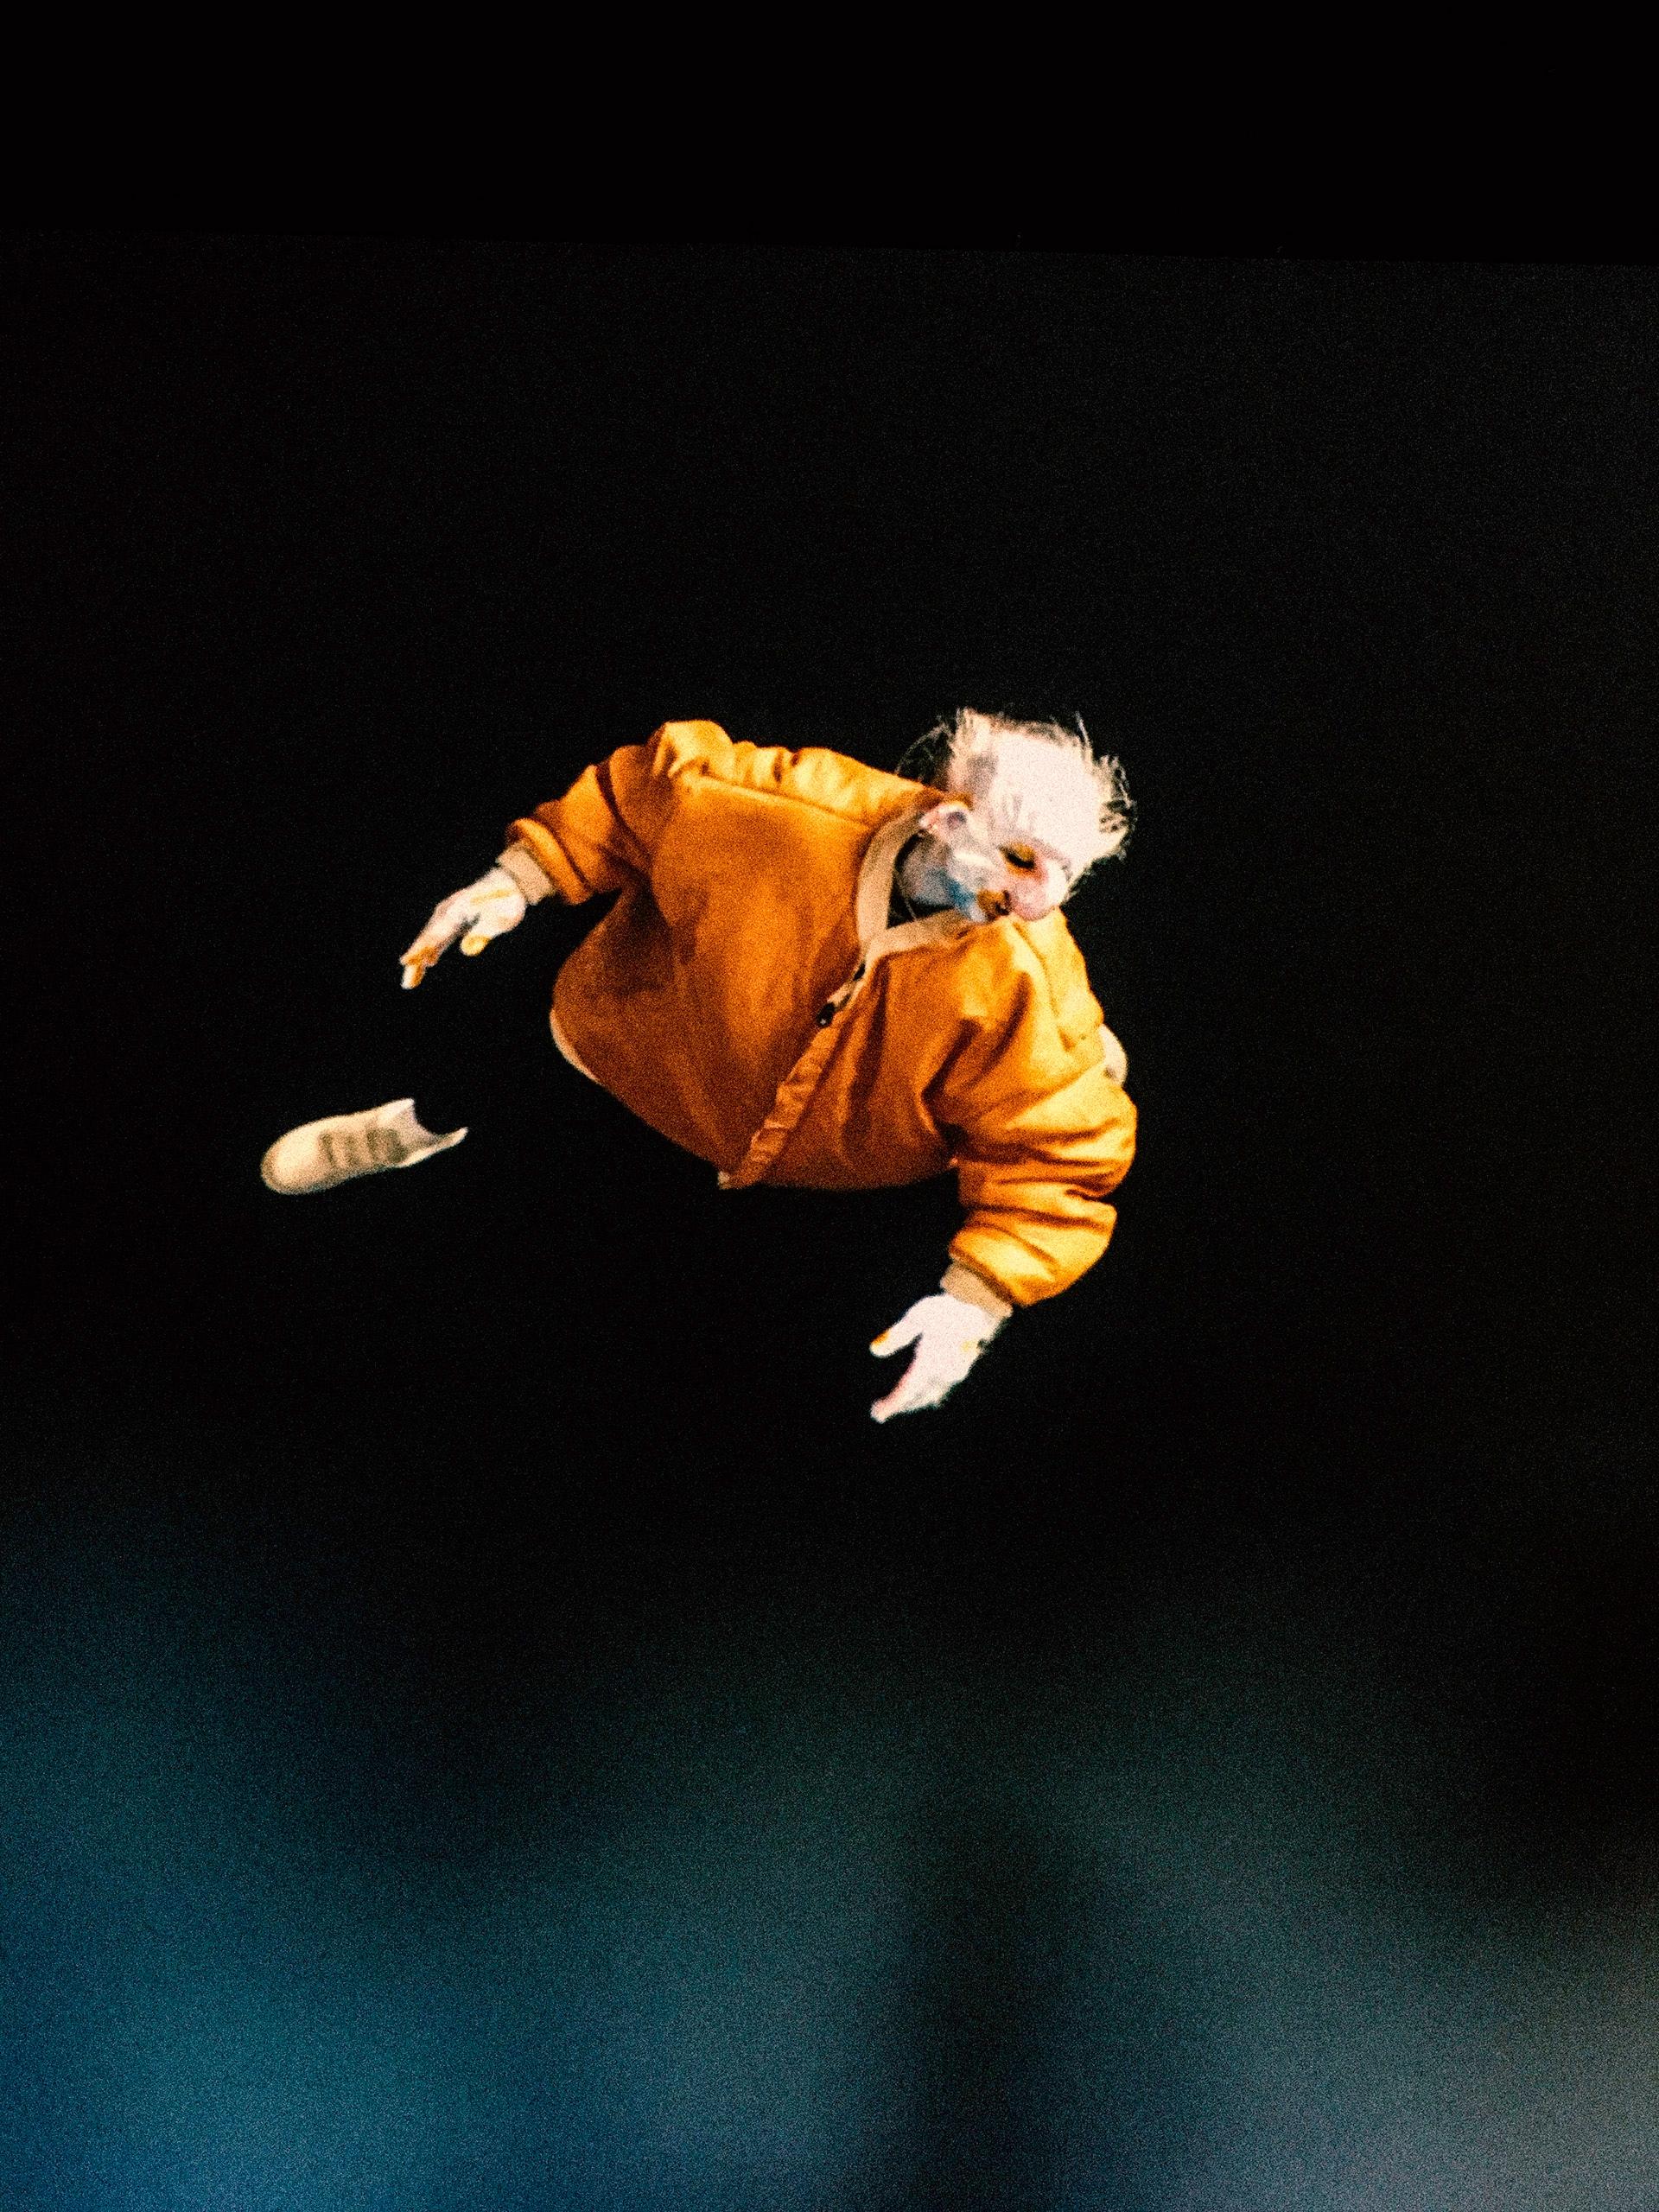 Zdjęcie przedstawia postać w pomarańczowym ubraniu na czarnym tle.